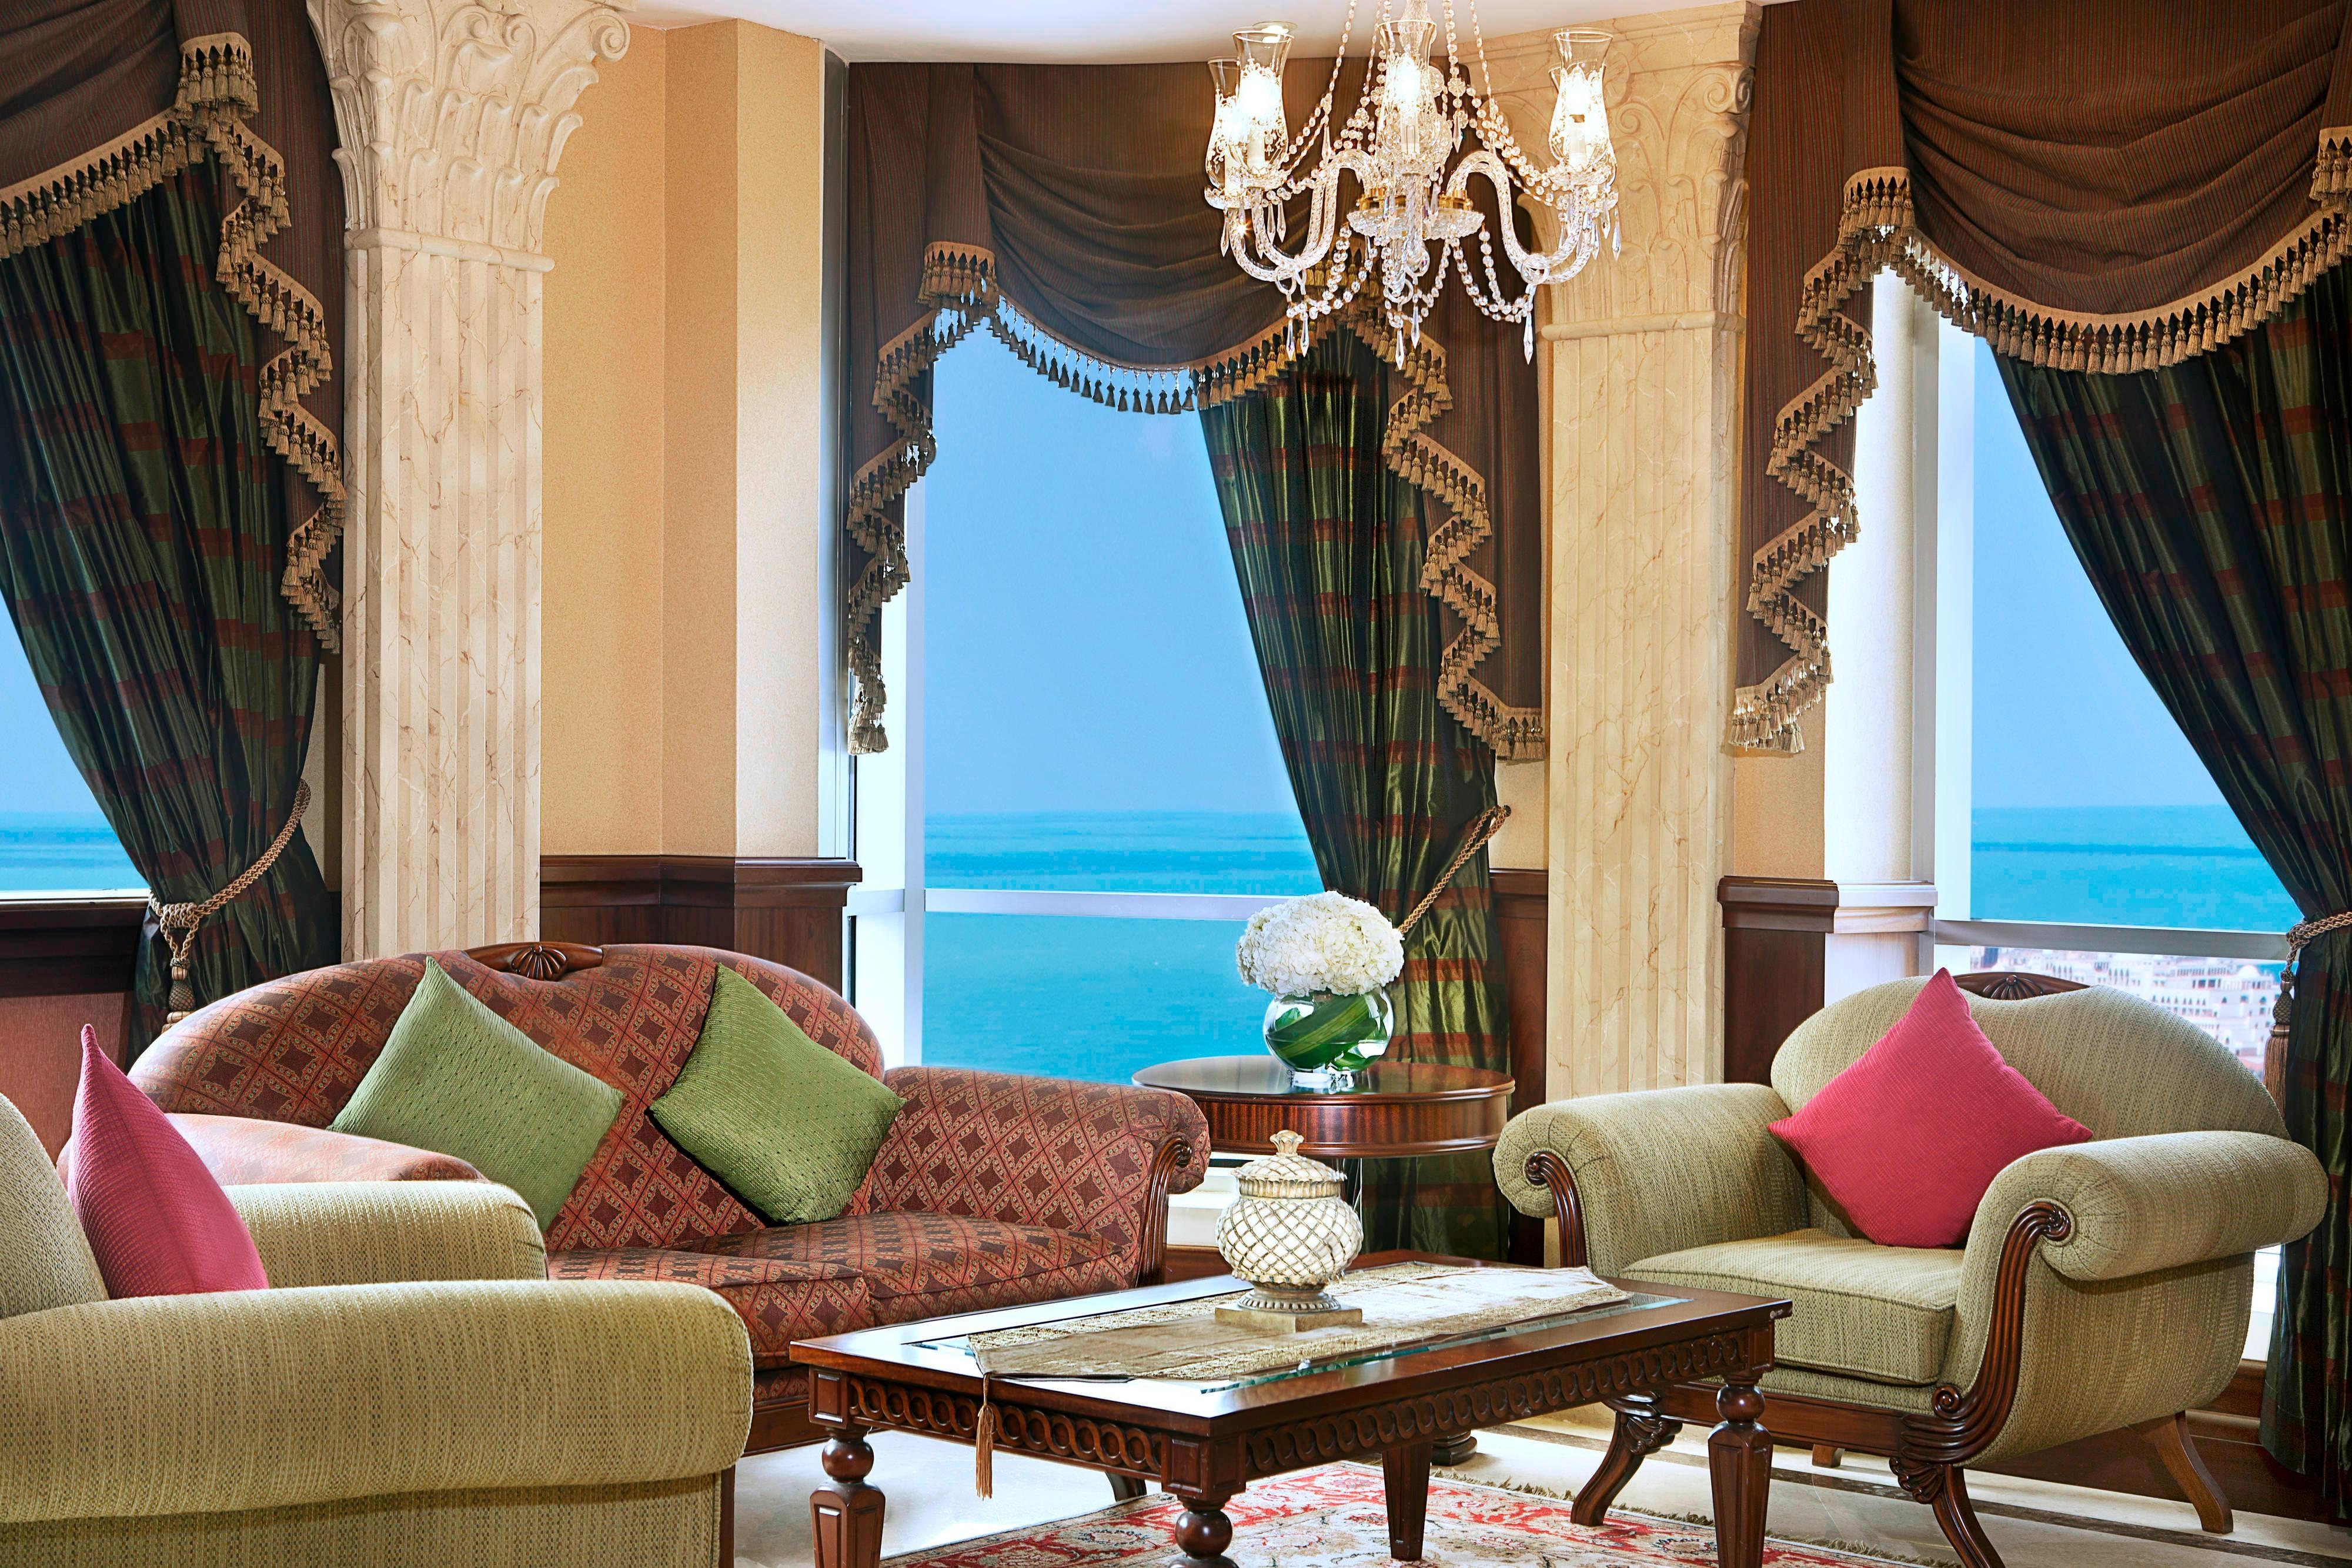 Wohnzimmer der Präsidenten Suite in Dubai